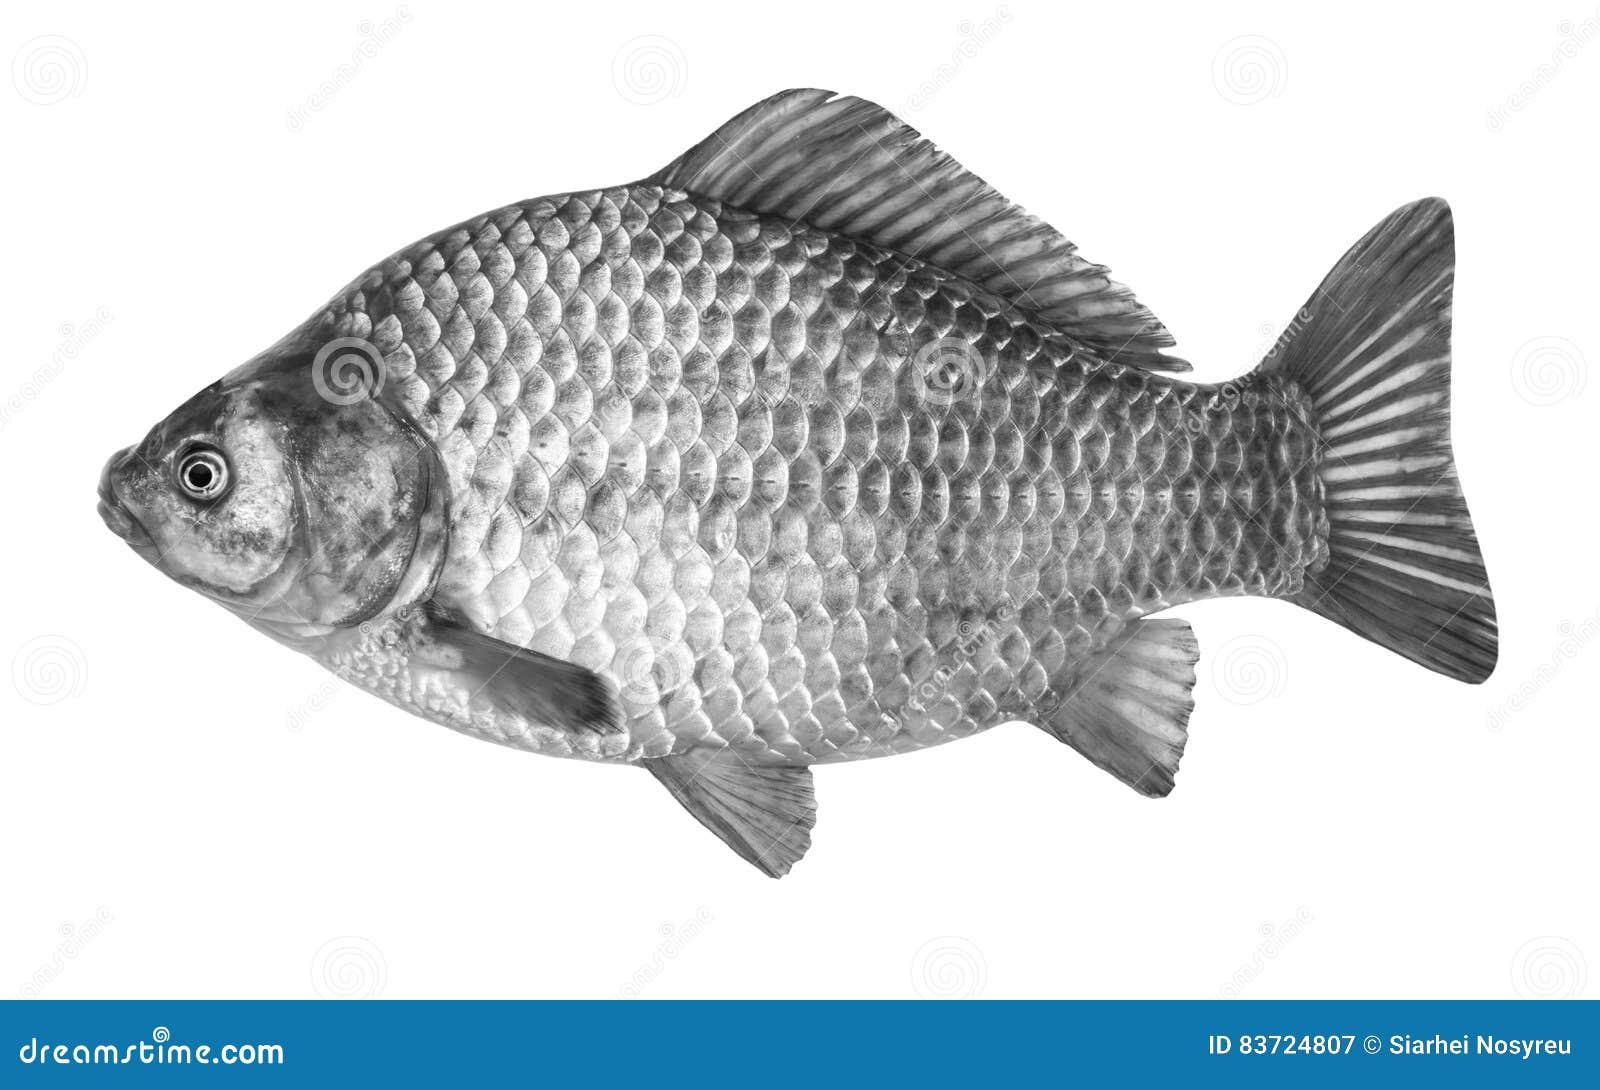 Fish Crucian Carp, Isolated On White Background. Stock Photo